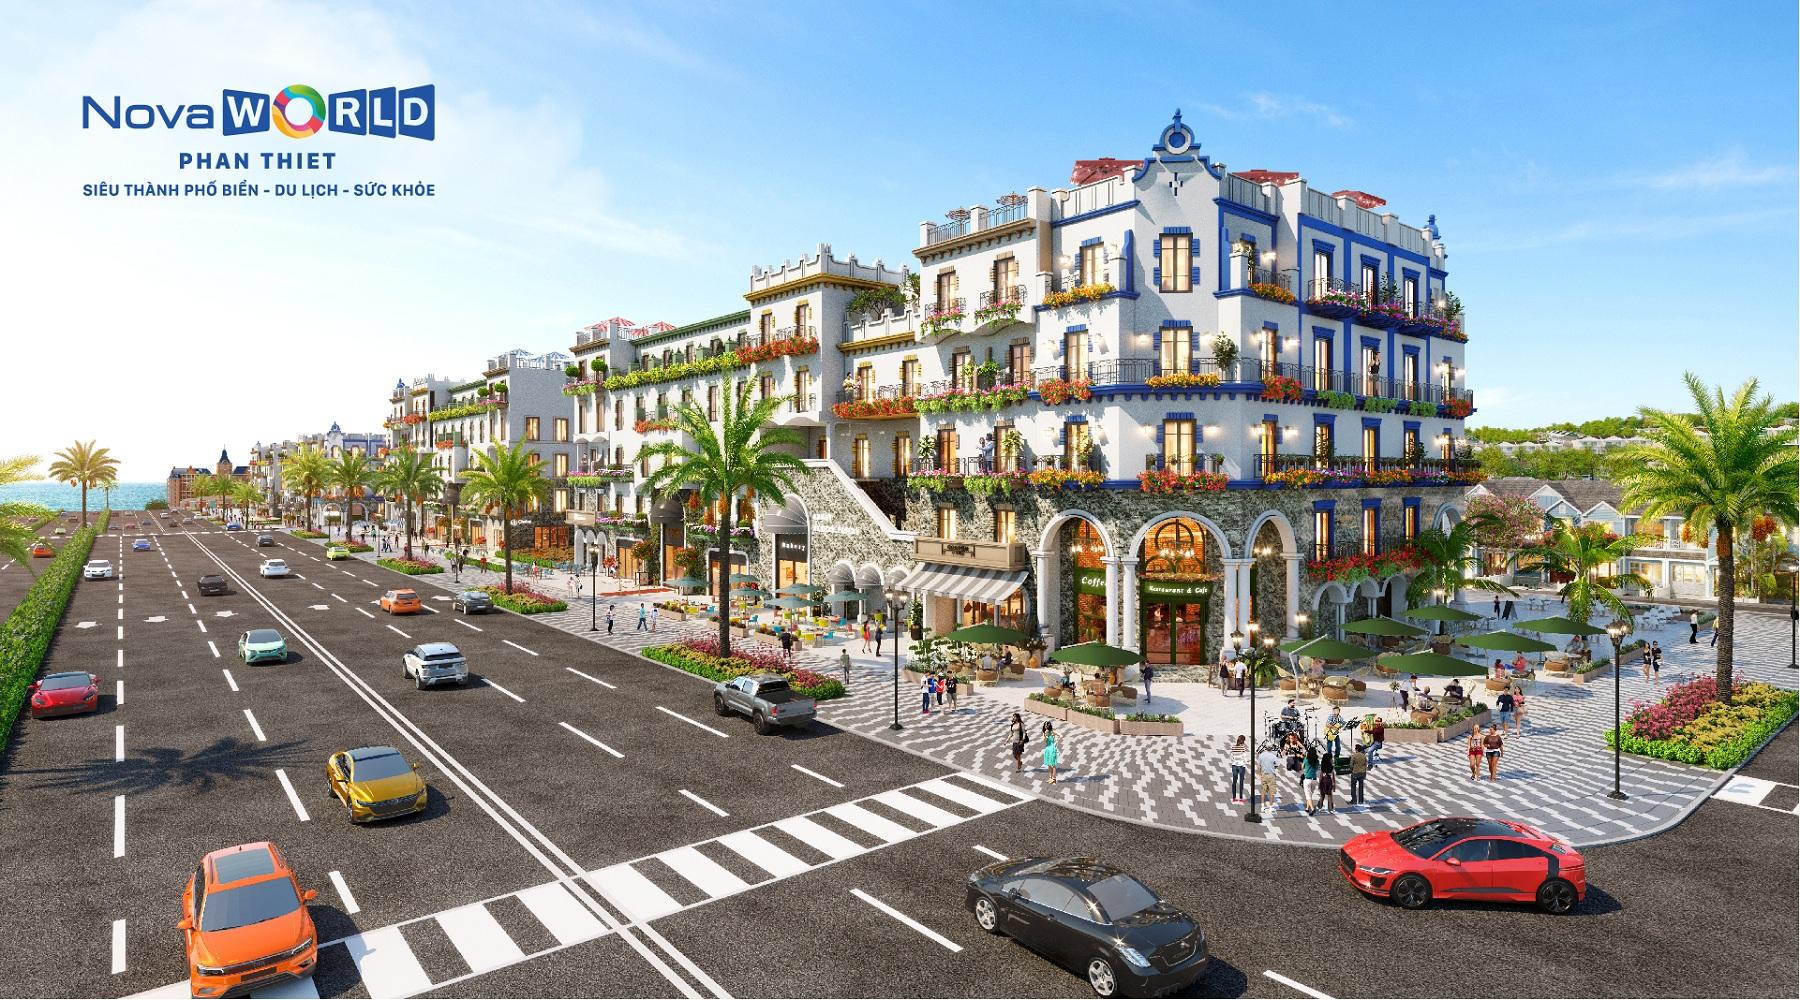 Đón đầu xu hướng đầu tư Boutique Hotel tại Phan Thiết